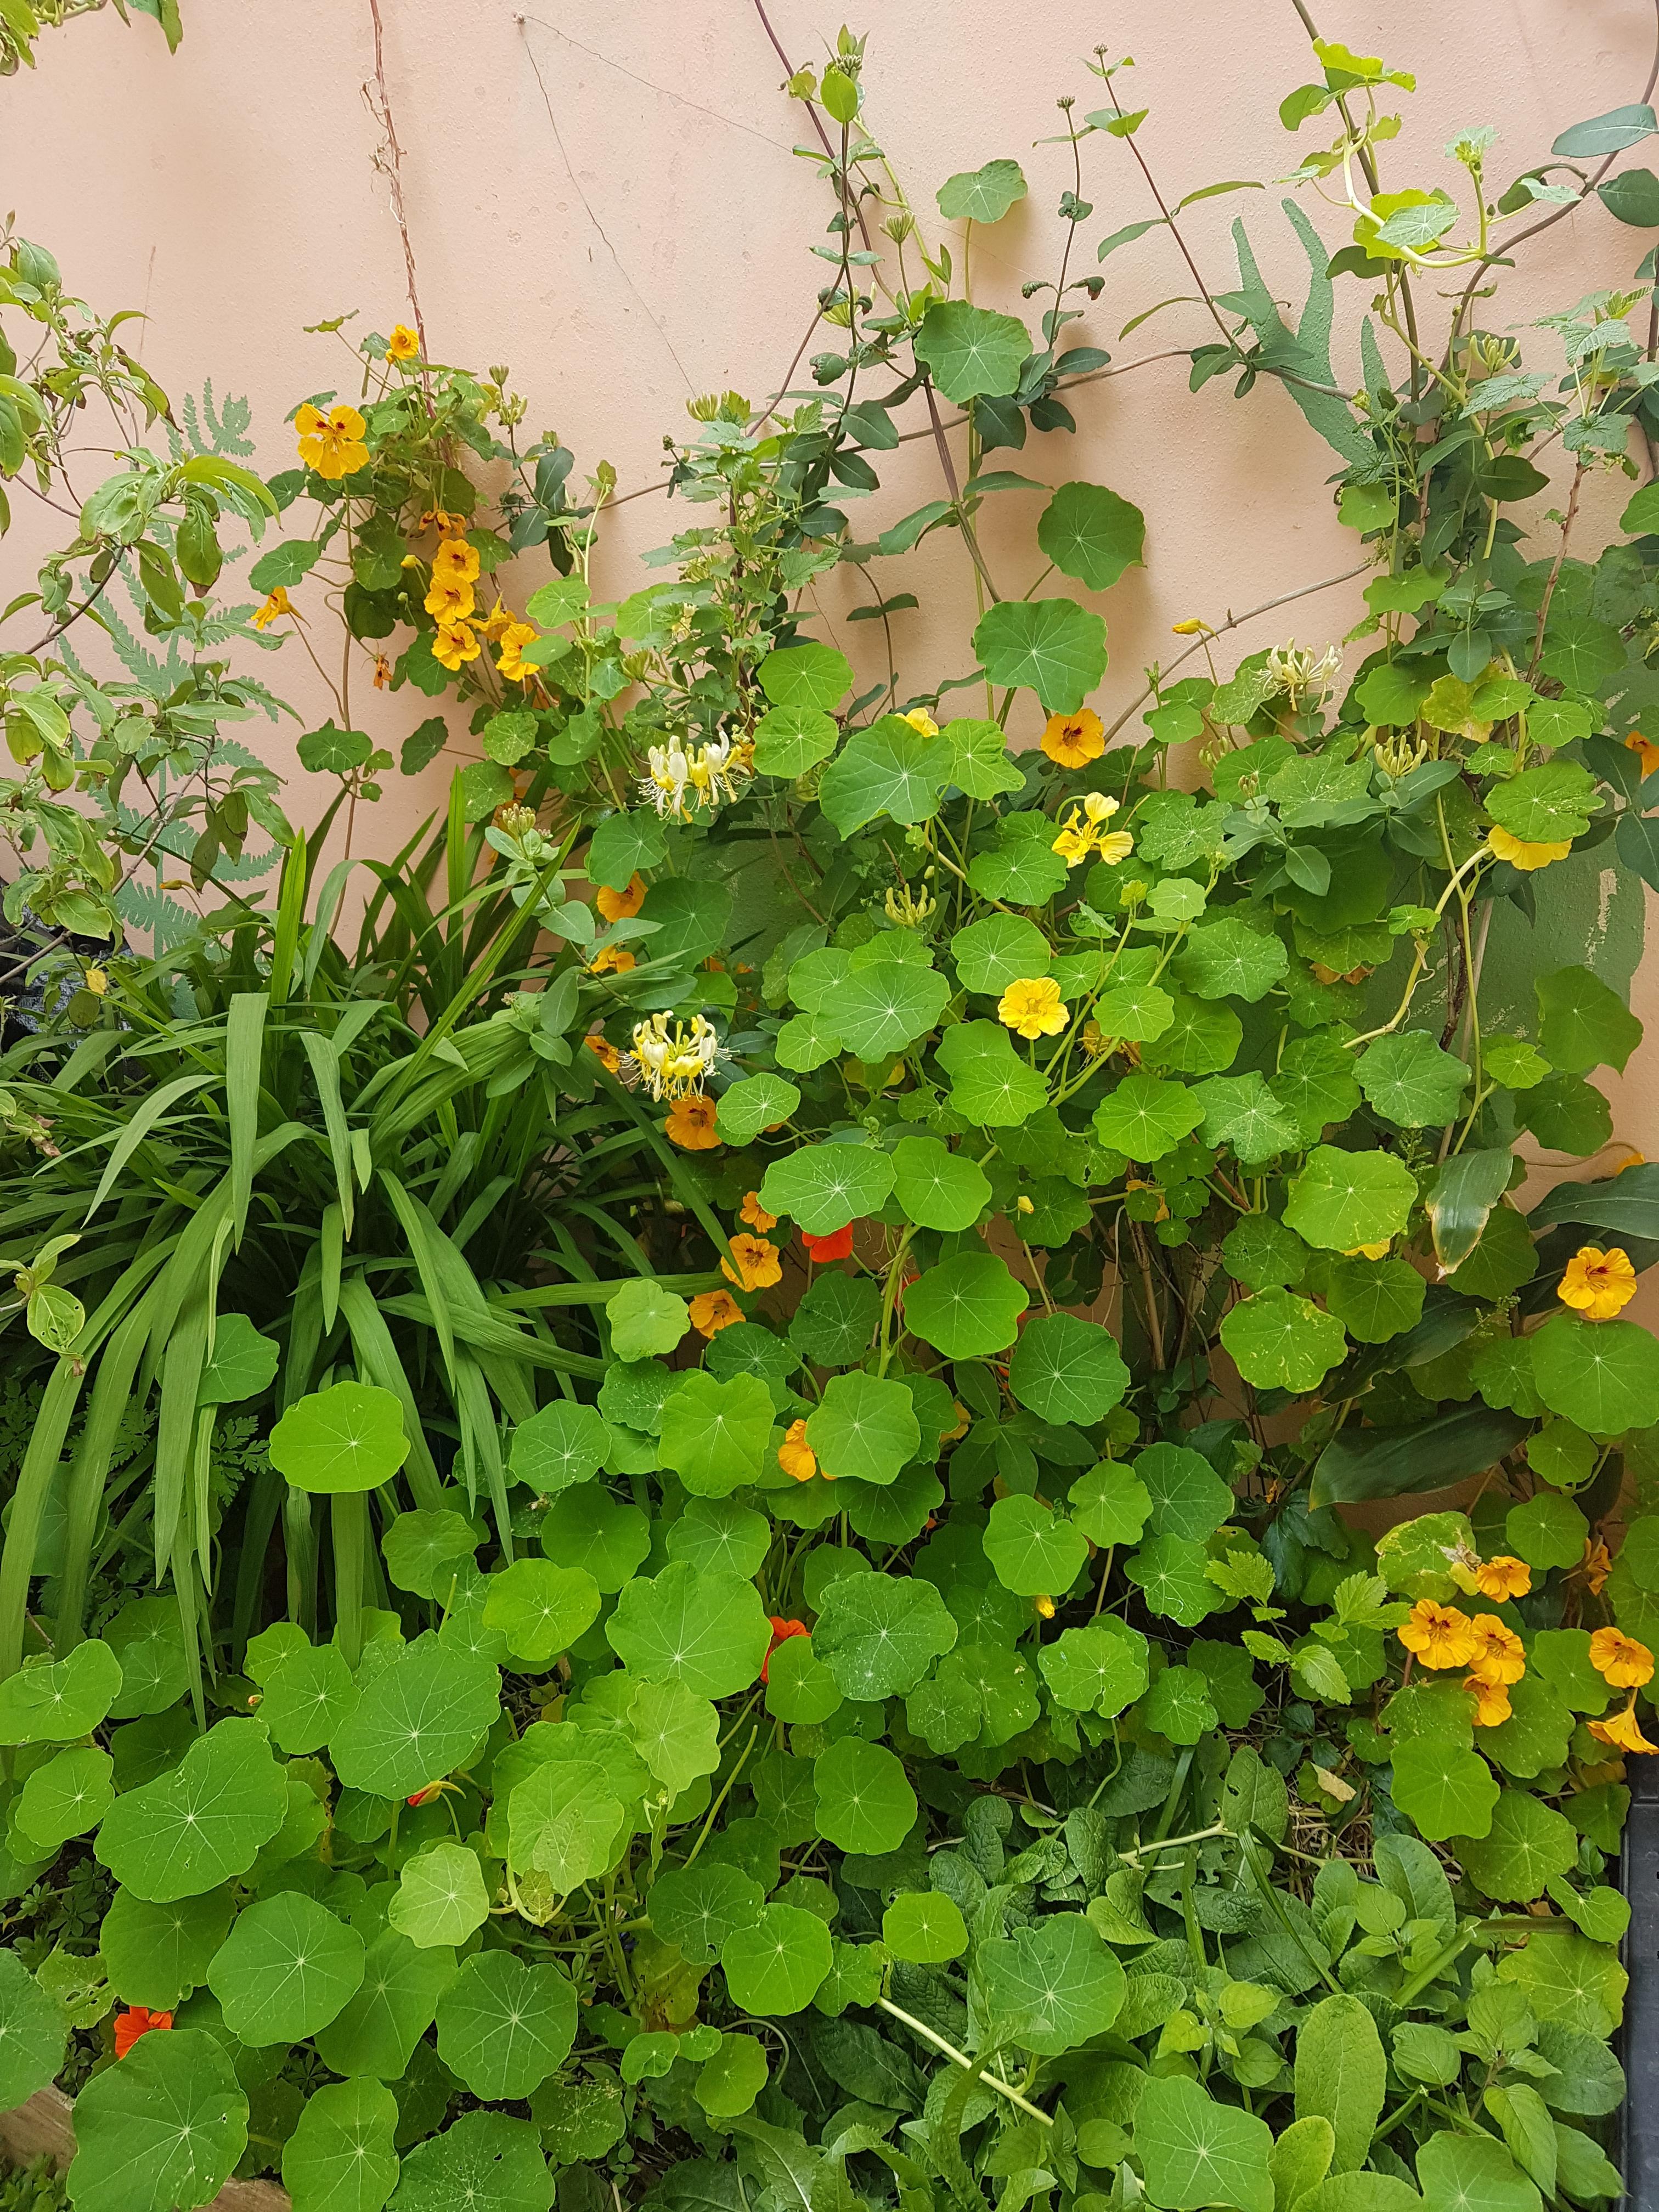 Forager Rachel Lambert's small box garden